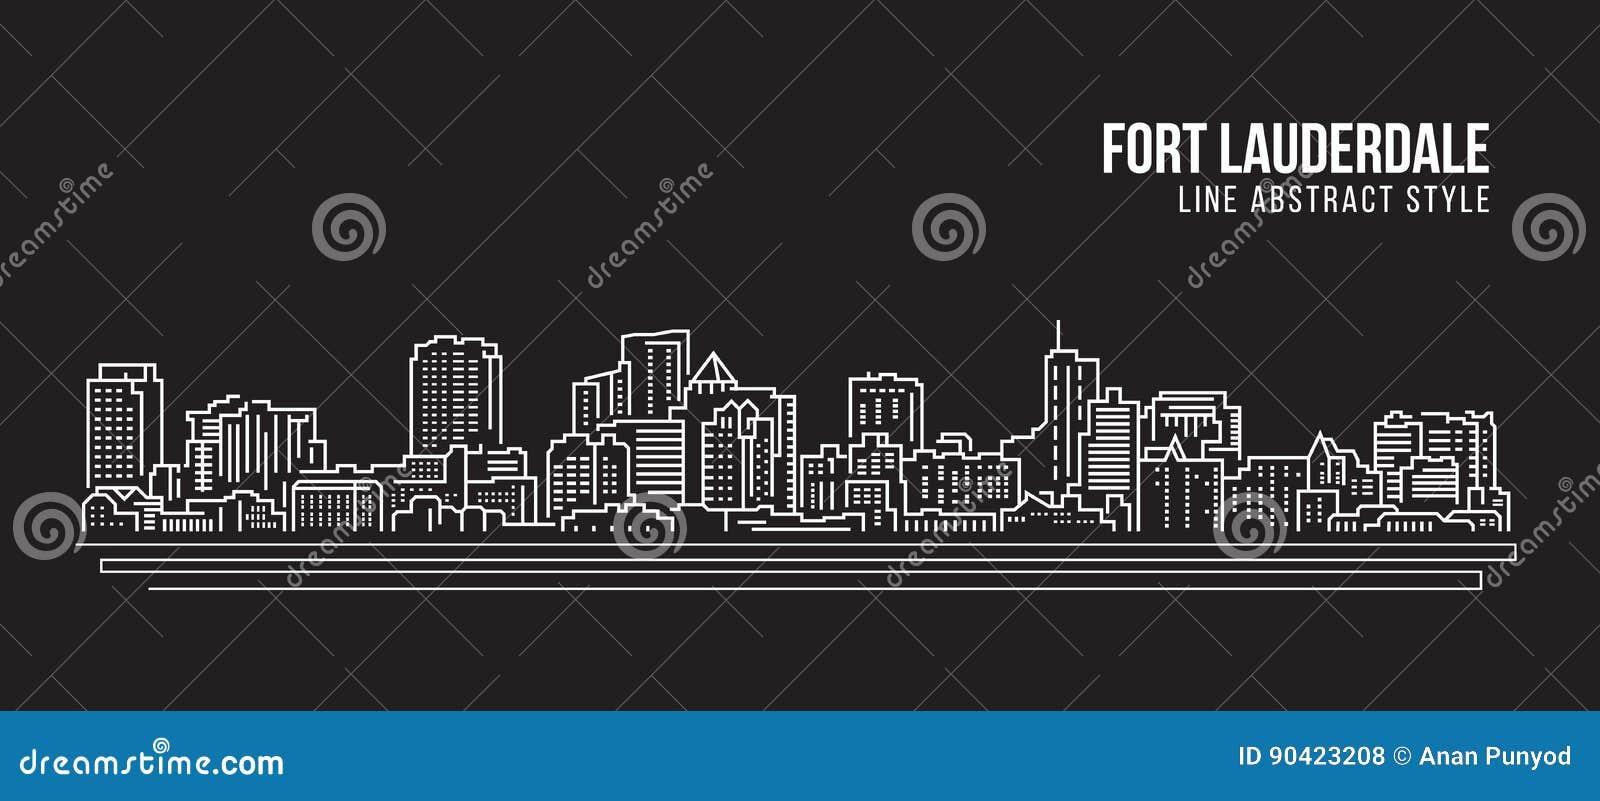 Cityscapebyggnadslinje design för konstvektorillustration - Fort Lauderdalestad